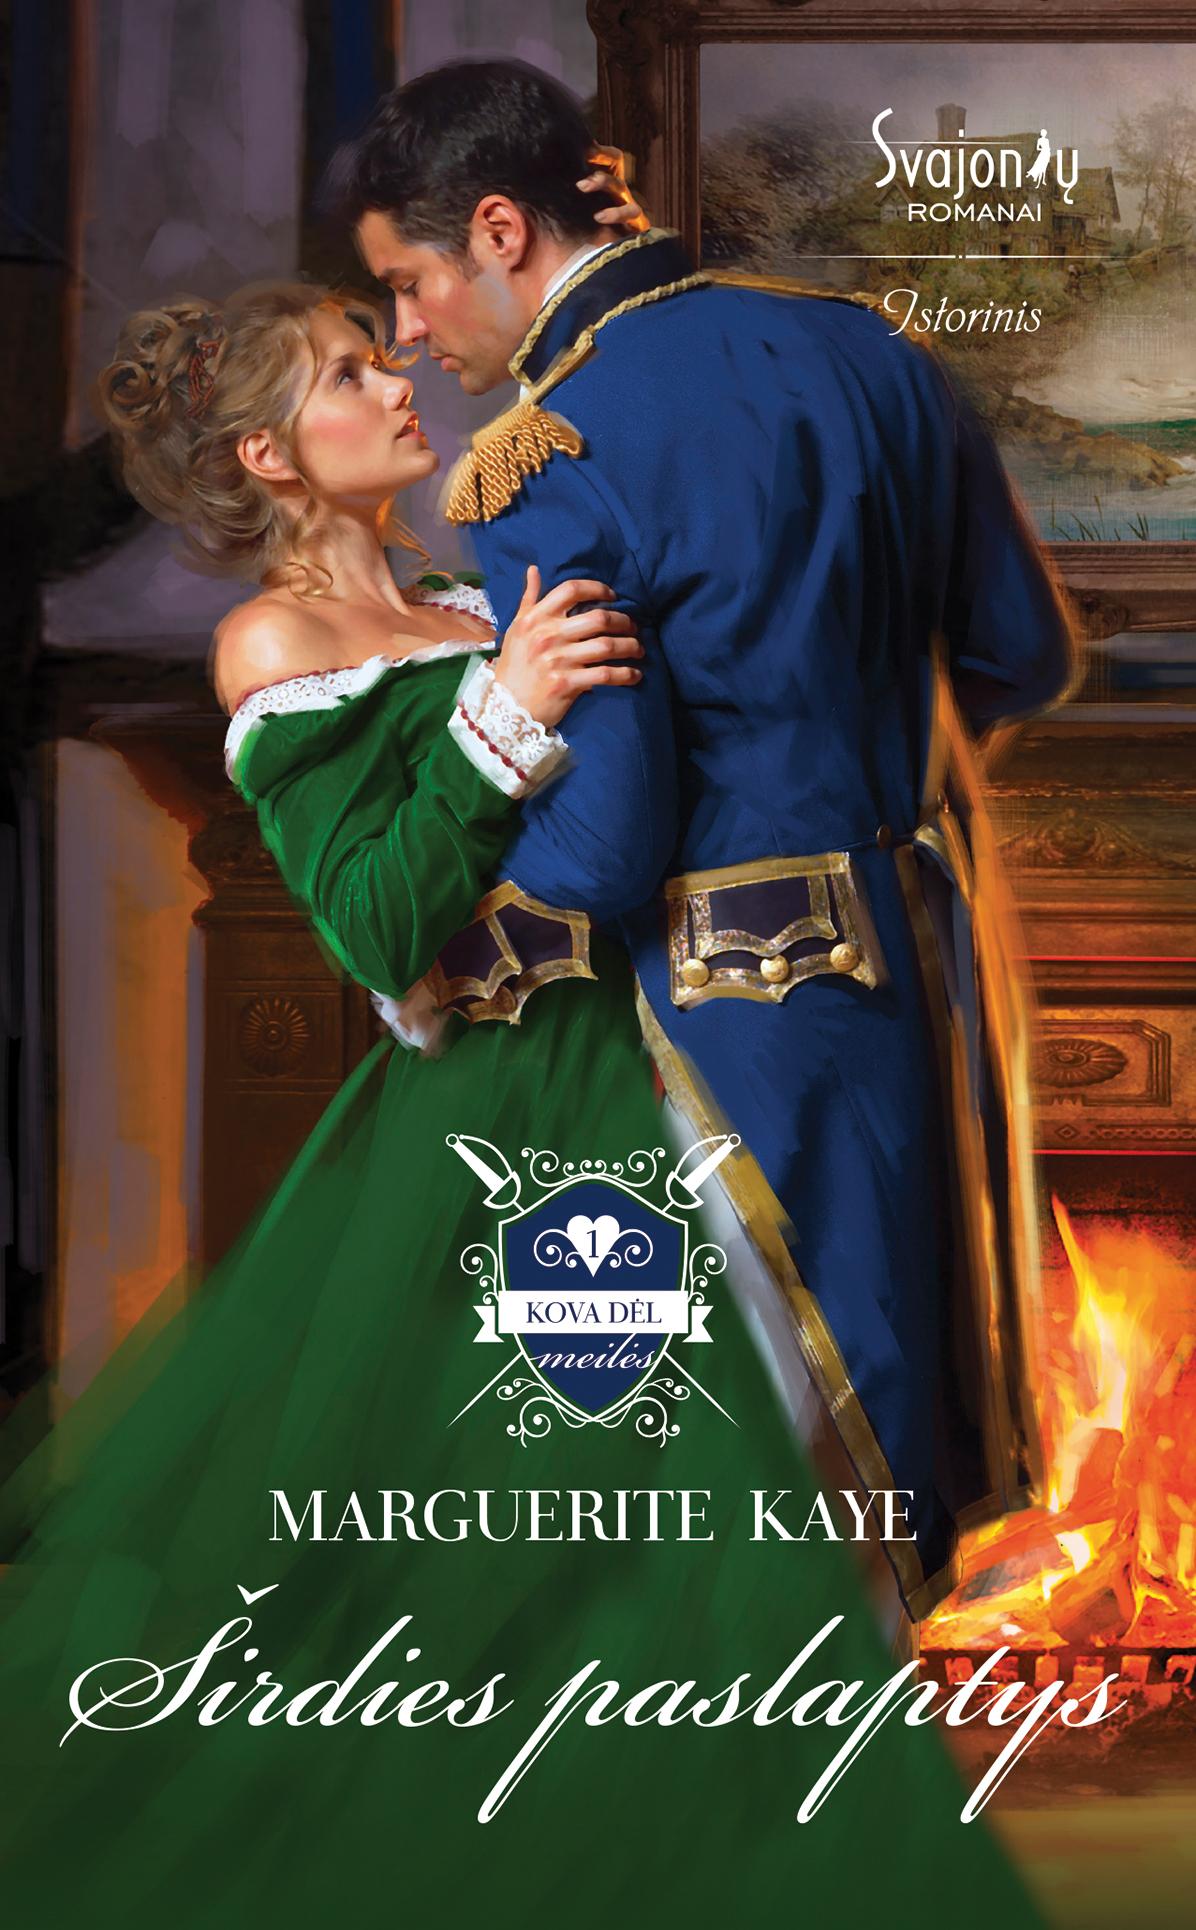 Marguerite Kaye Širdies paslaptys vitaite vykinte tegul bus taip